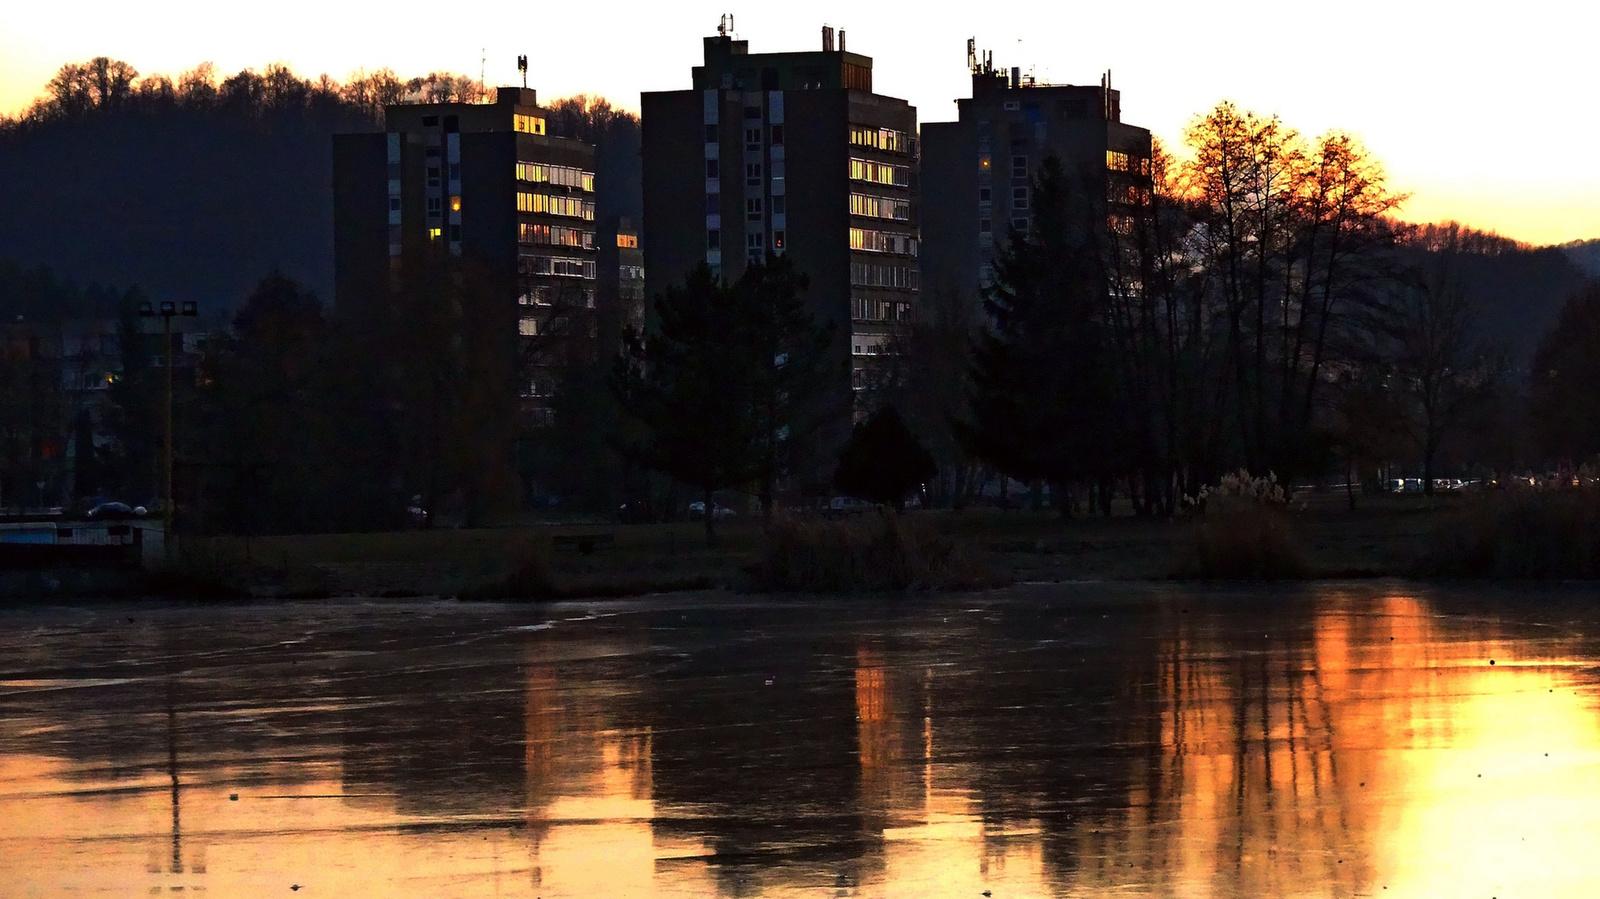 01 Esti városkép